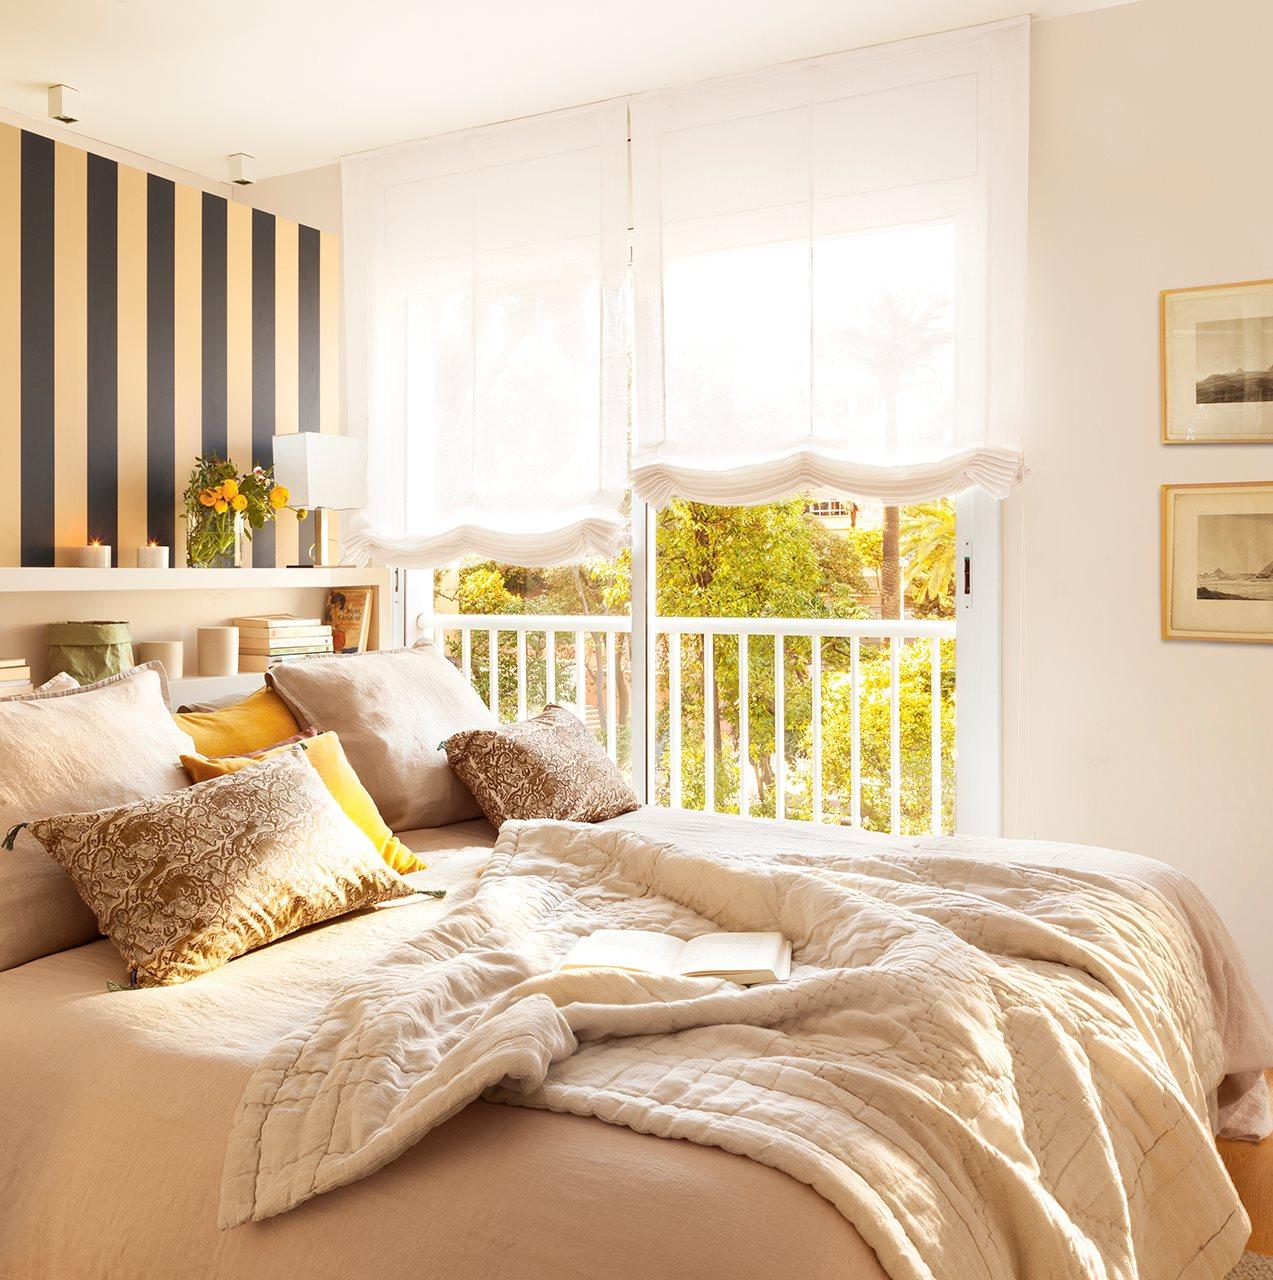 Dormitorio con papel de rayas en el cabecero. Dormitorio con ropa de cama en beige y dorado y estores blancos a las ventanas